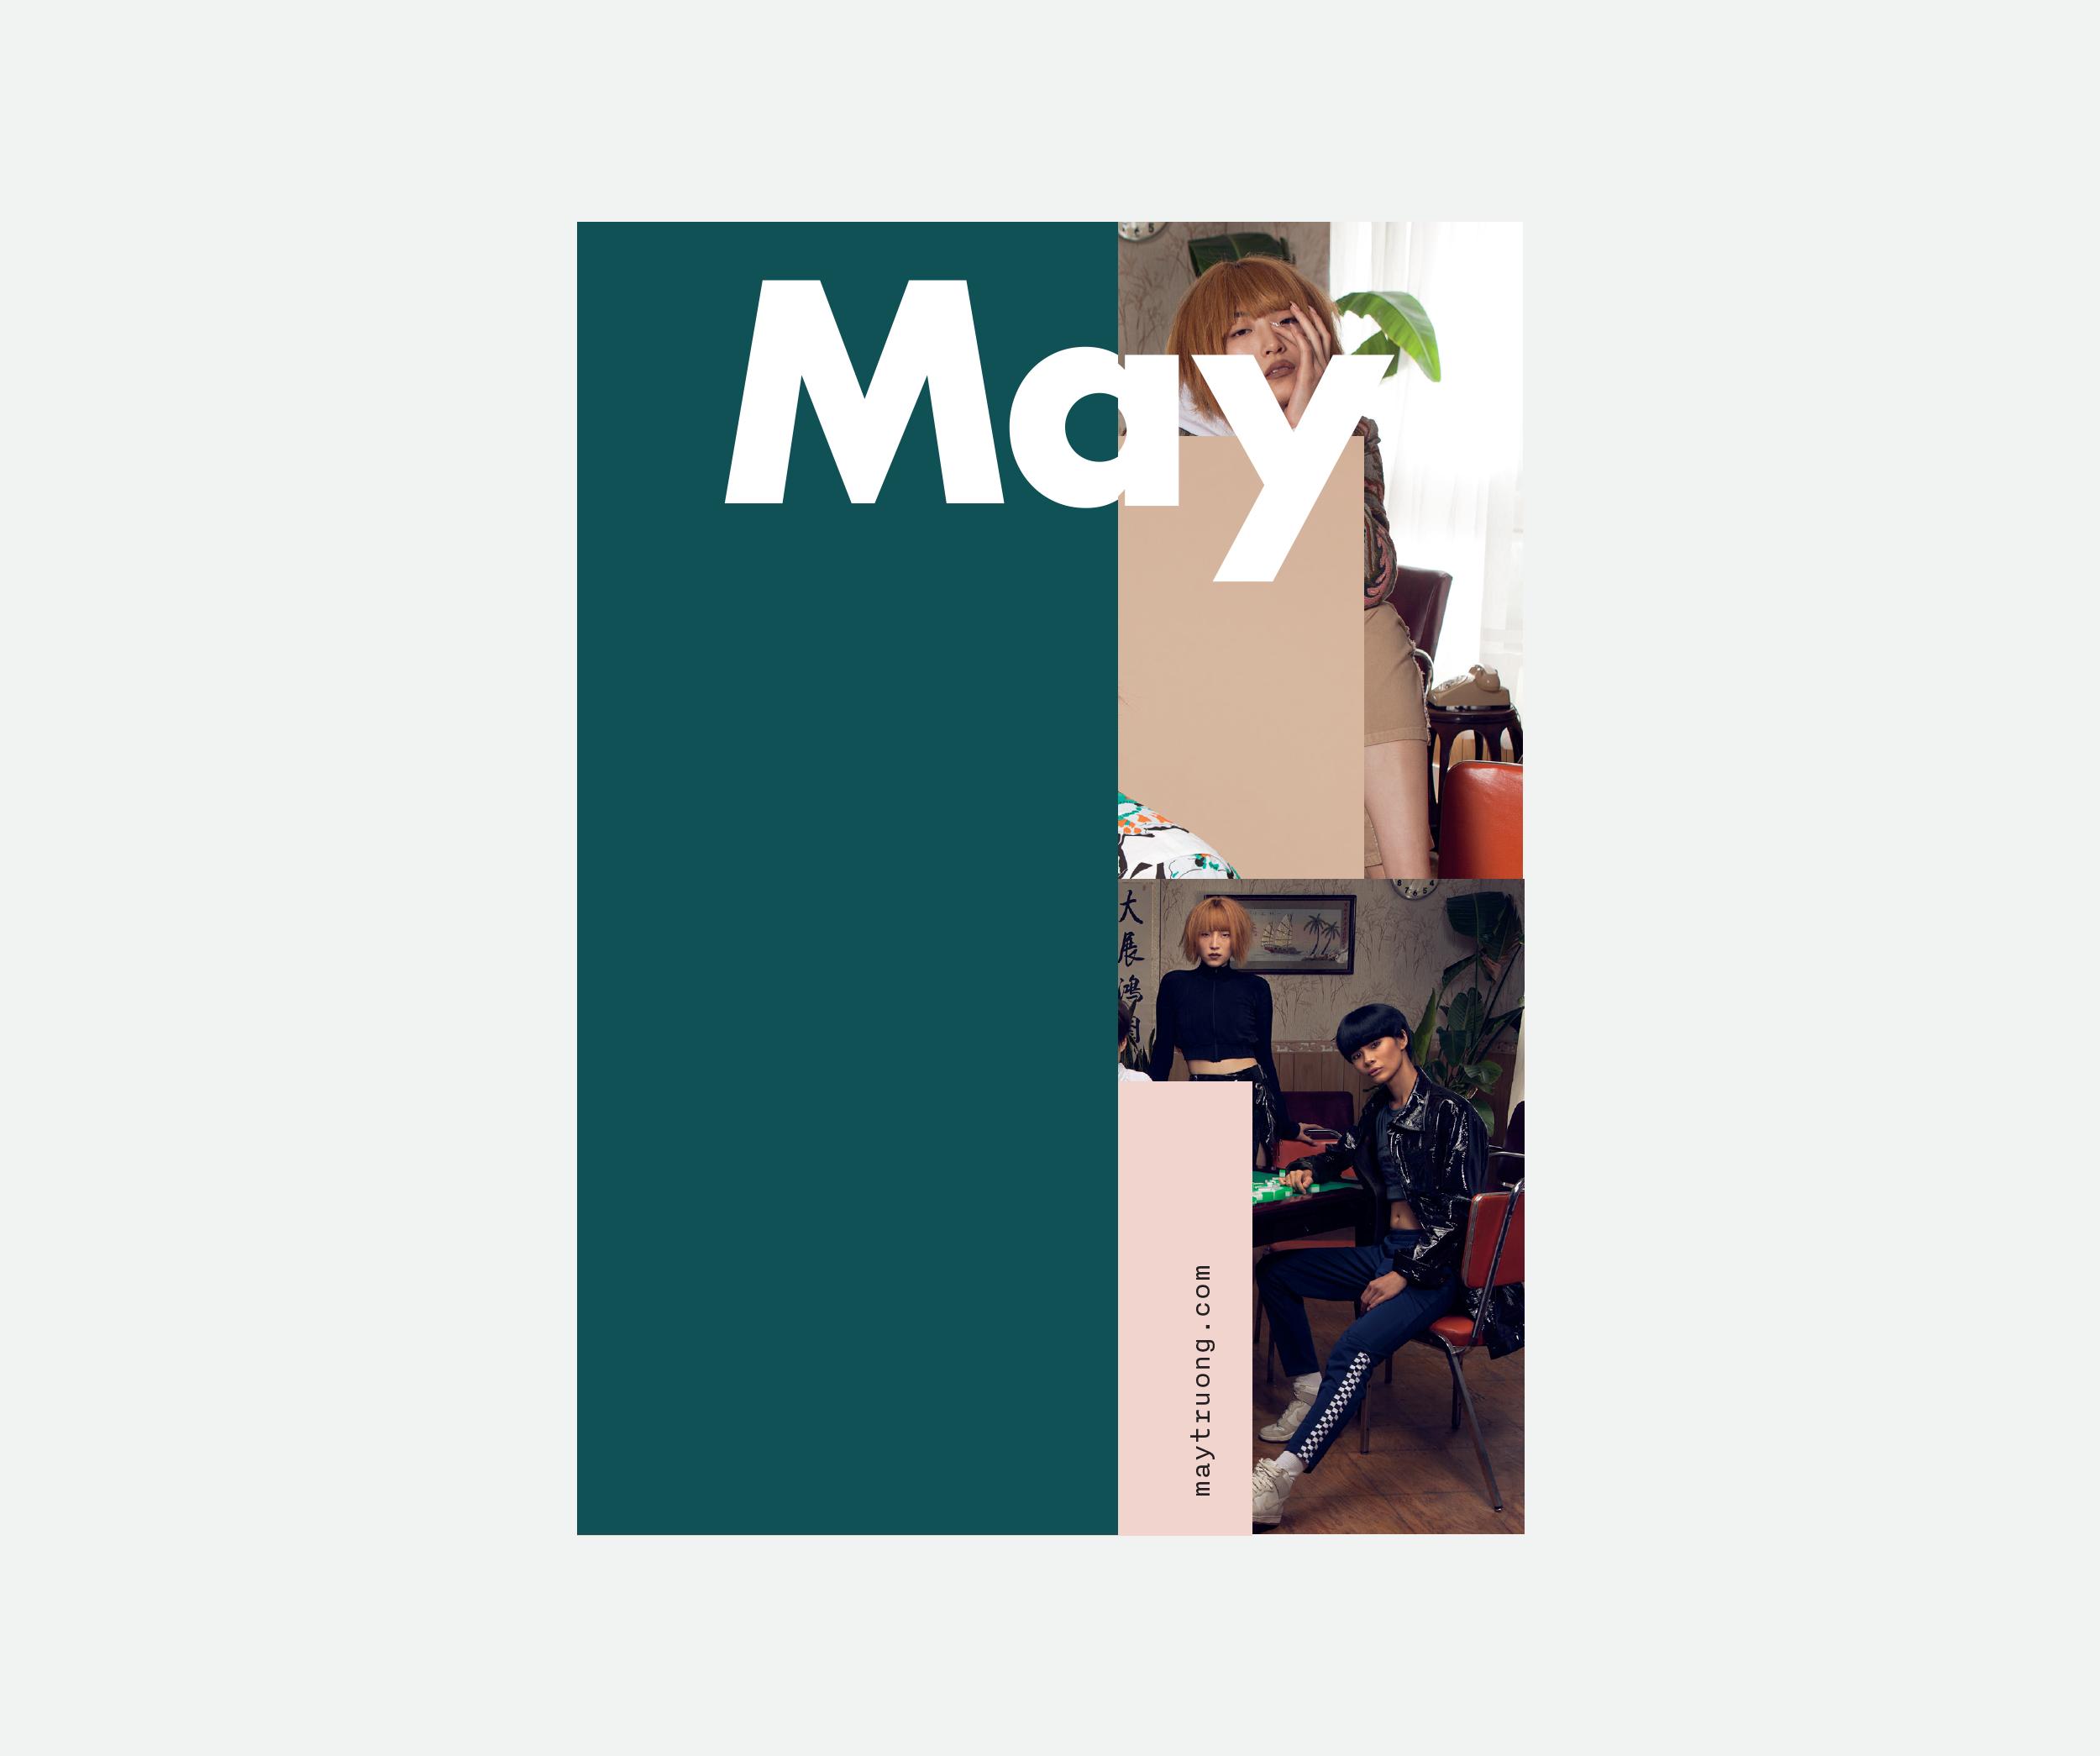 May-Promo-11.png